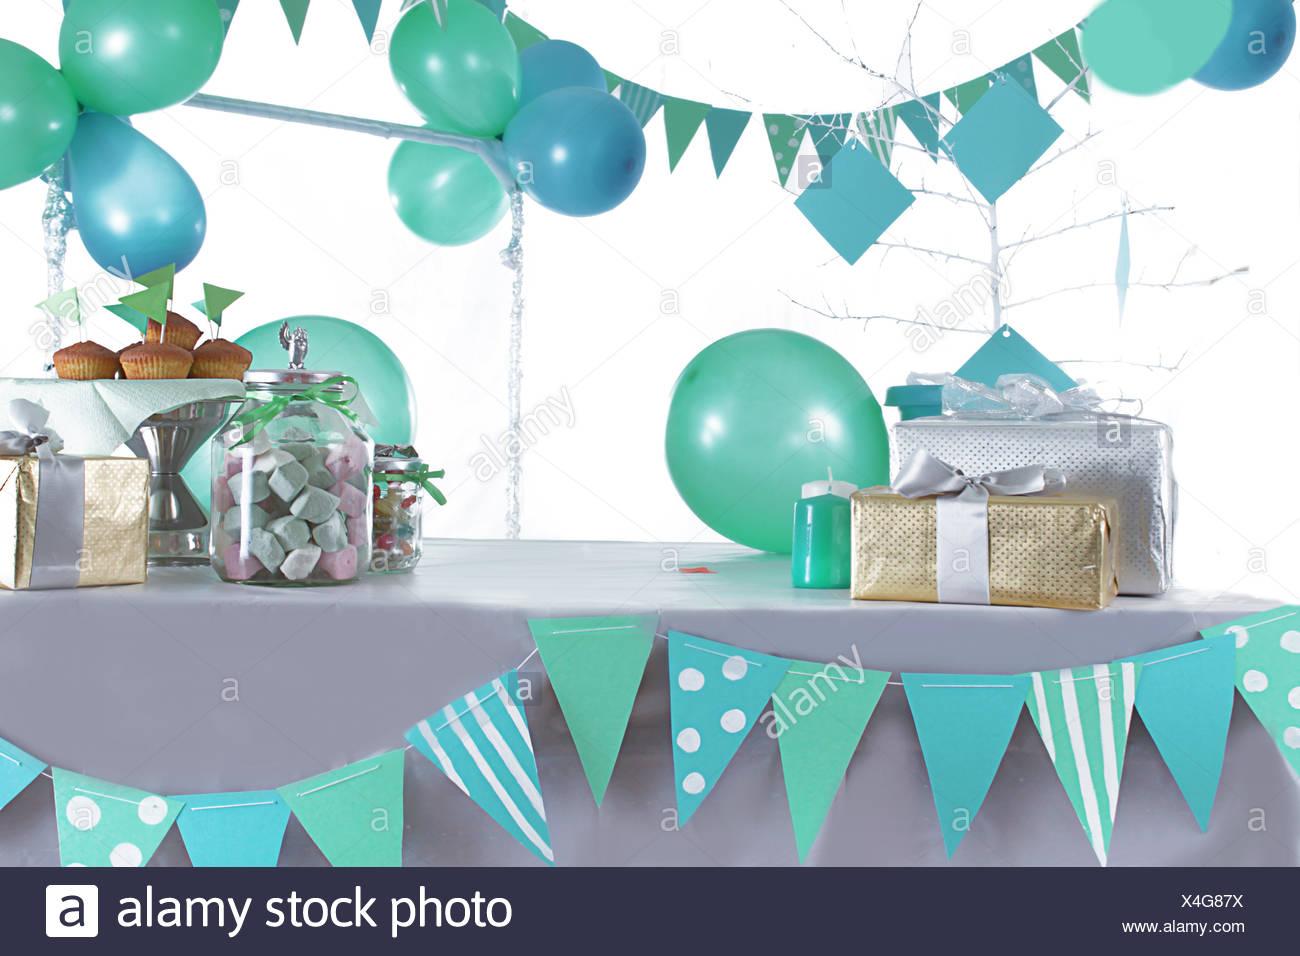 Party Candy Bar Stockfotos & Party Candy Bar Bilder - Seite 3 - Alamy